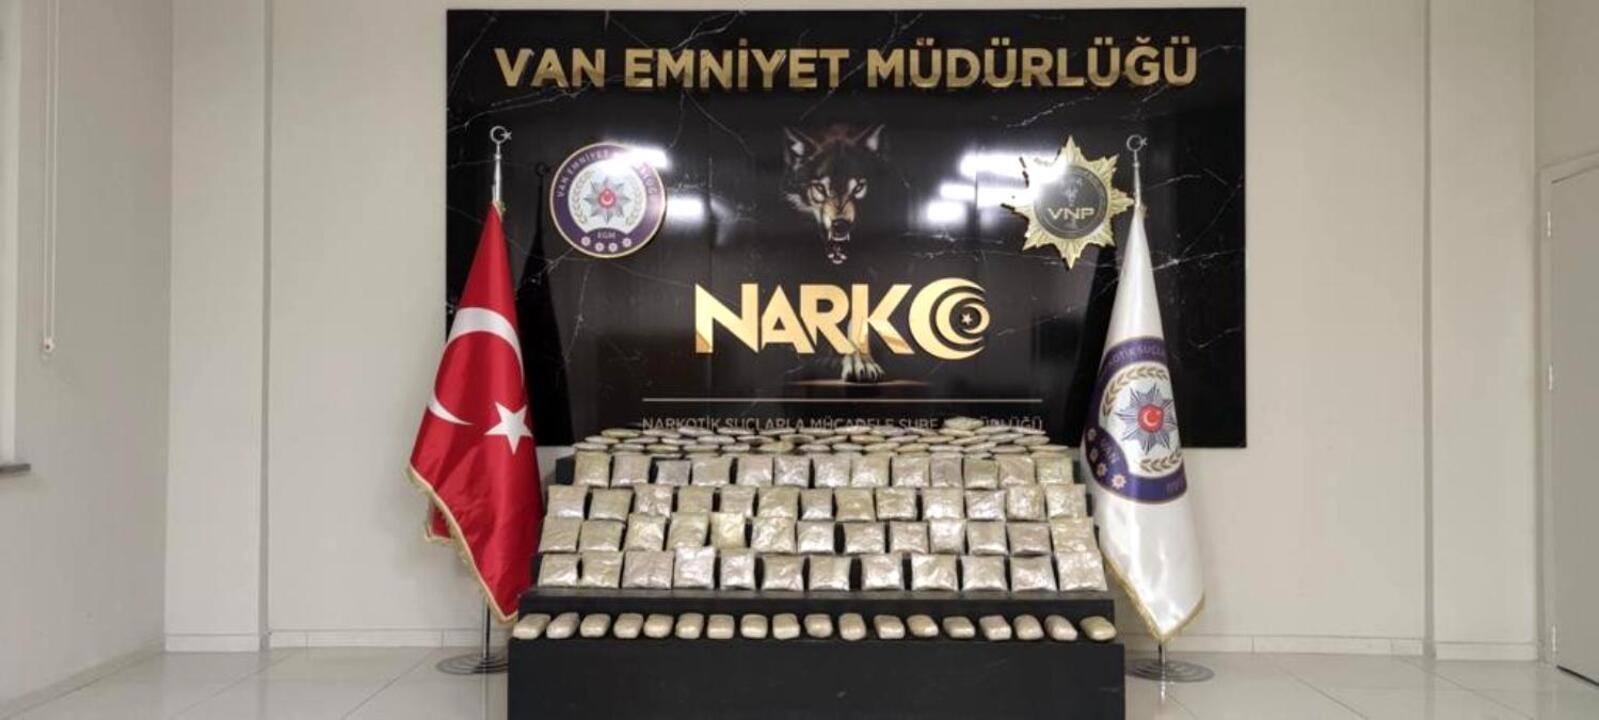 Van'da son bir haftada 387 kilo uyuşturucu madde ele geçirildi